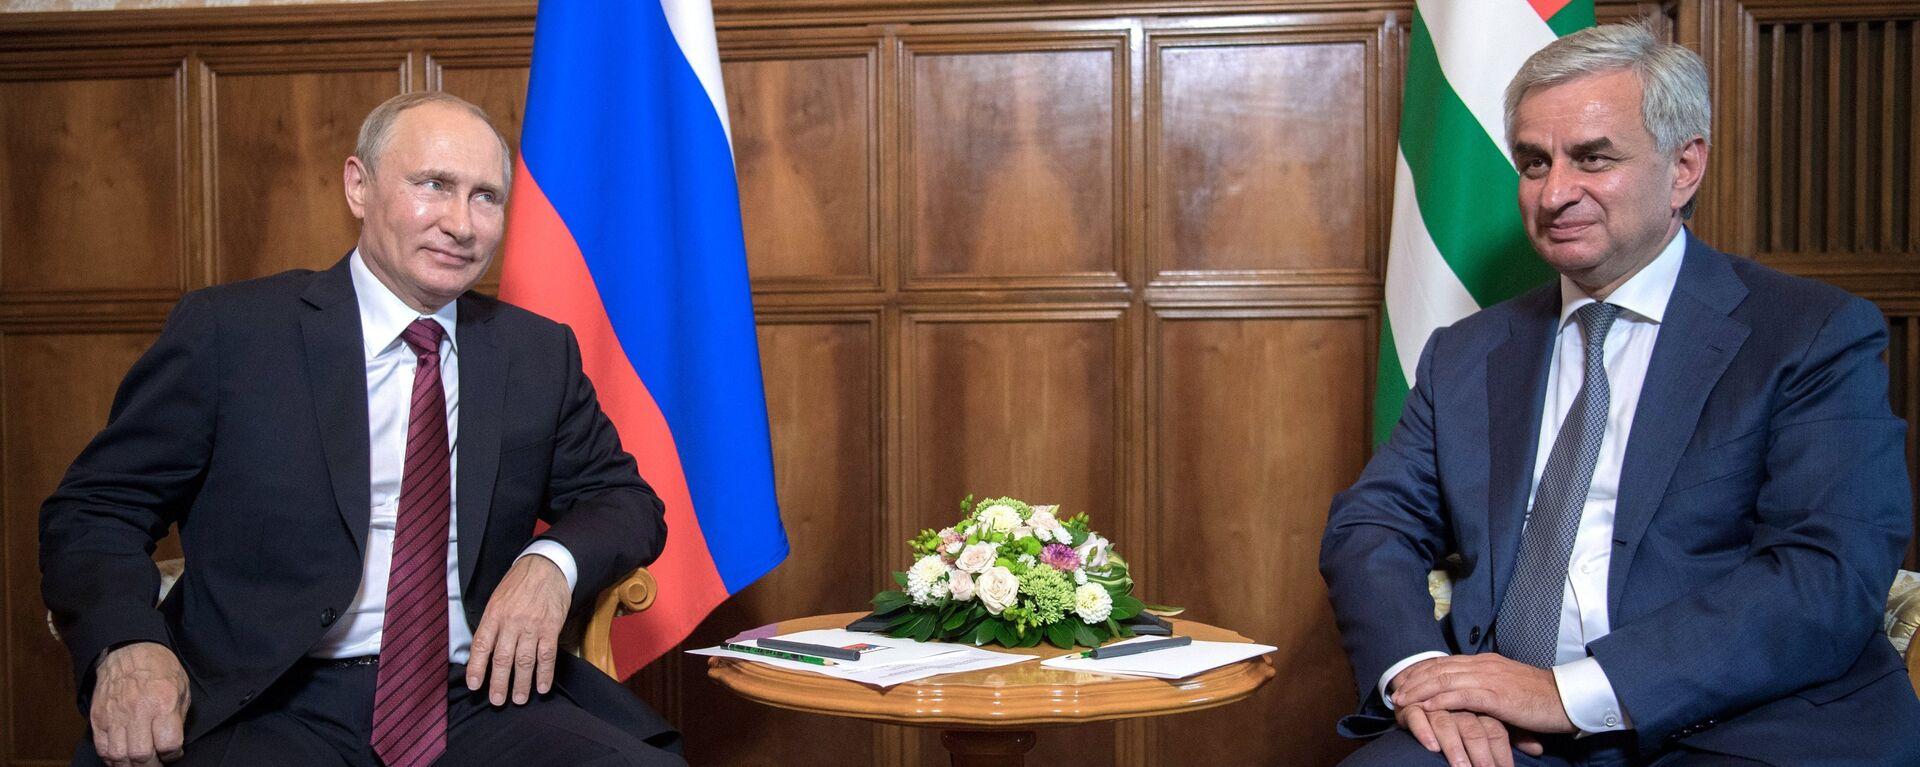 Krievijas prezidents Vladimirs Putins un Abhāzijas Republikas prezidents Rauls Hadžimba - Sputnik Latvija, 1920, 09.08.2017